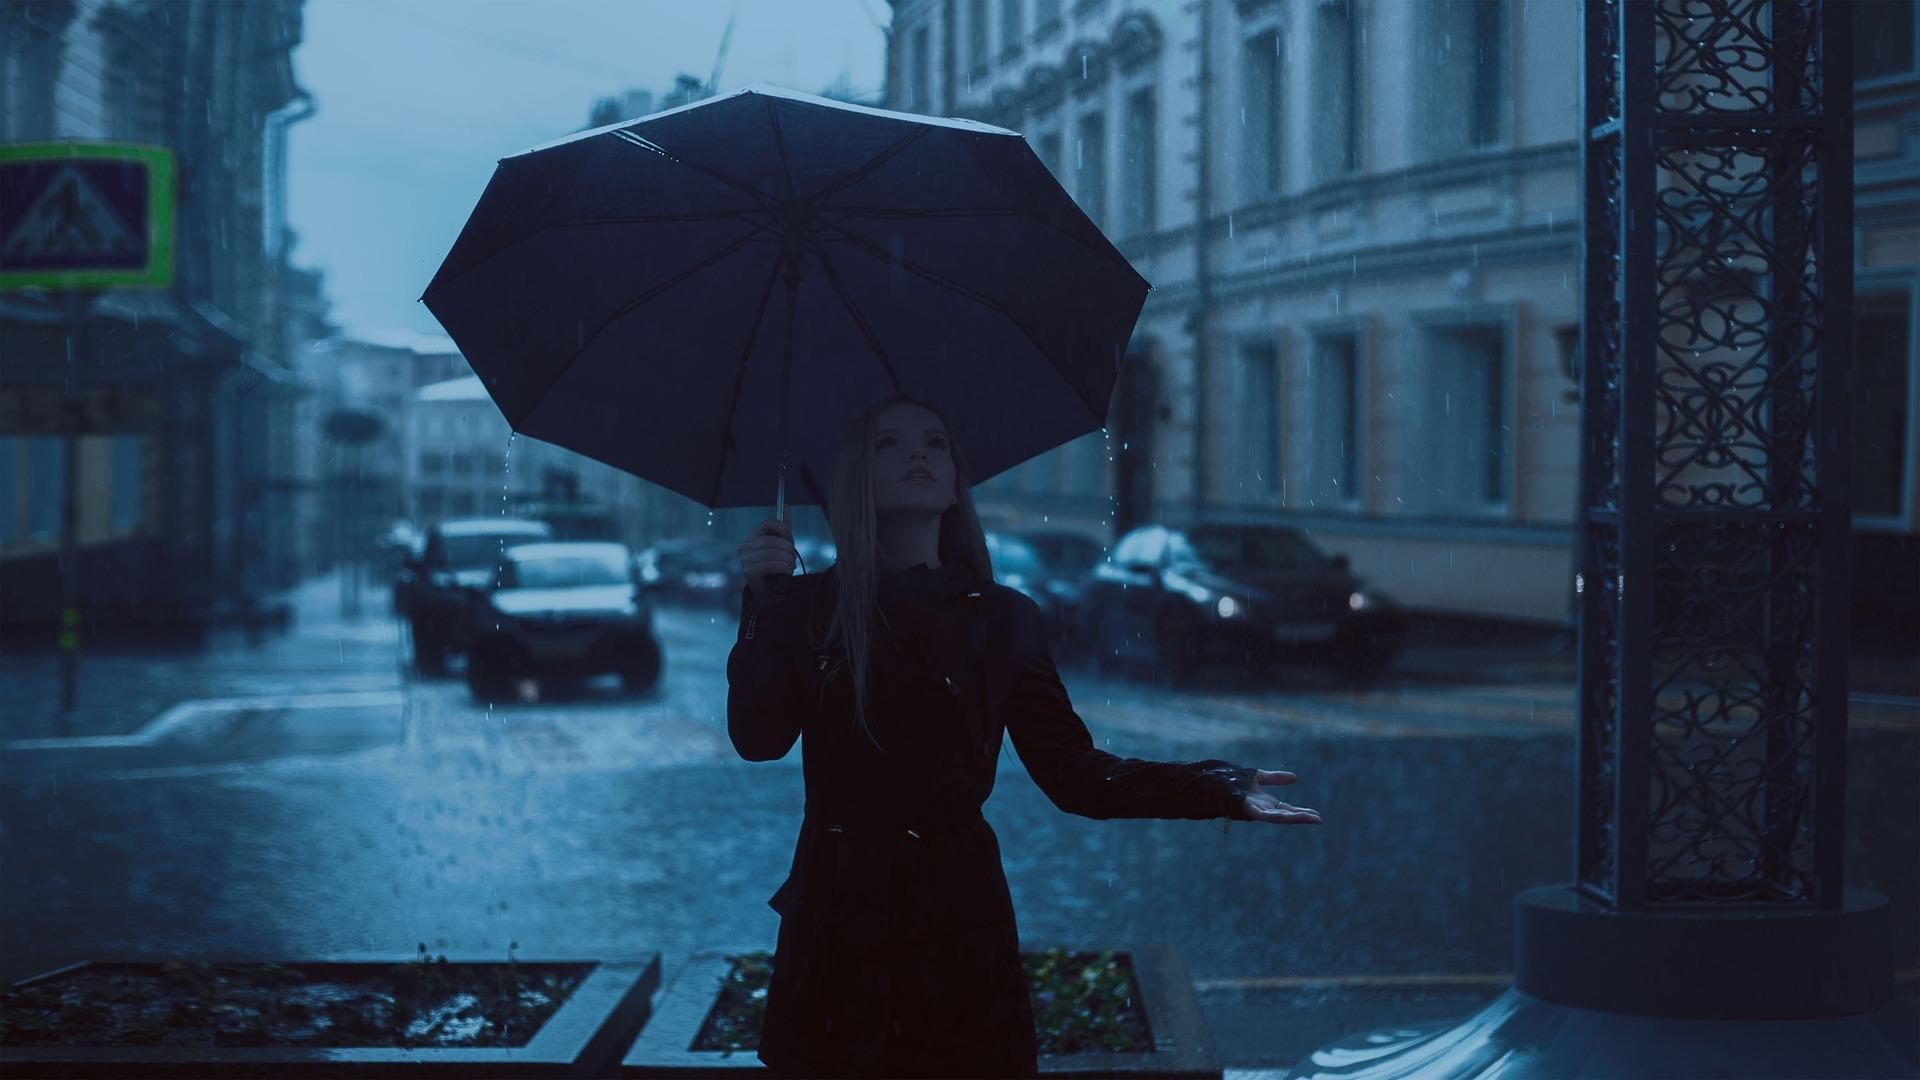 deszczowa-pogoda